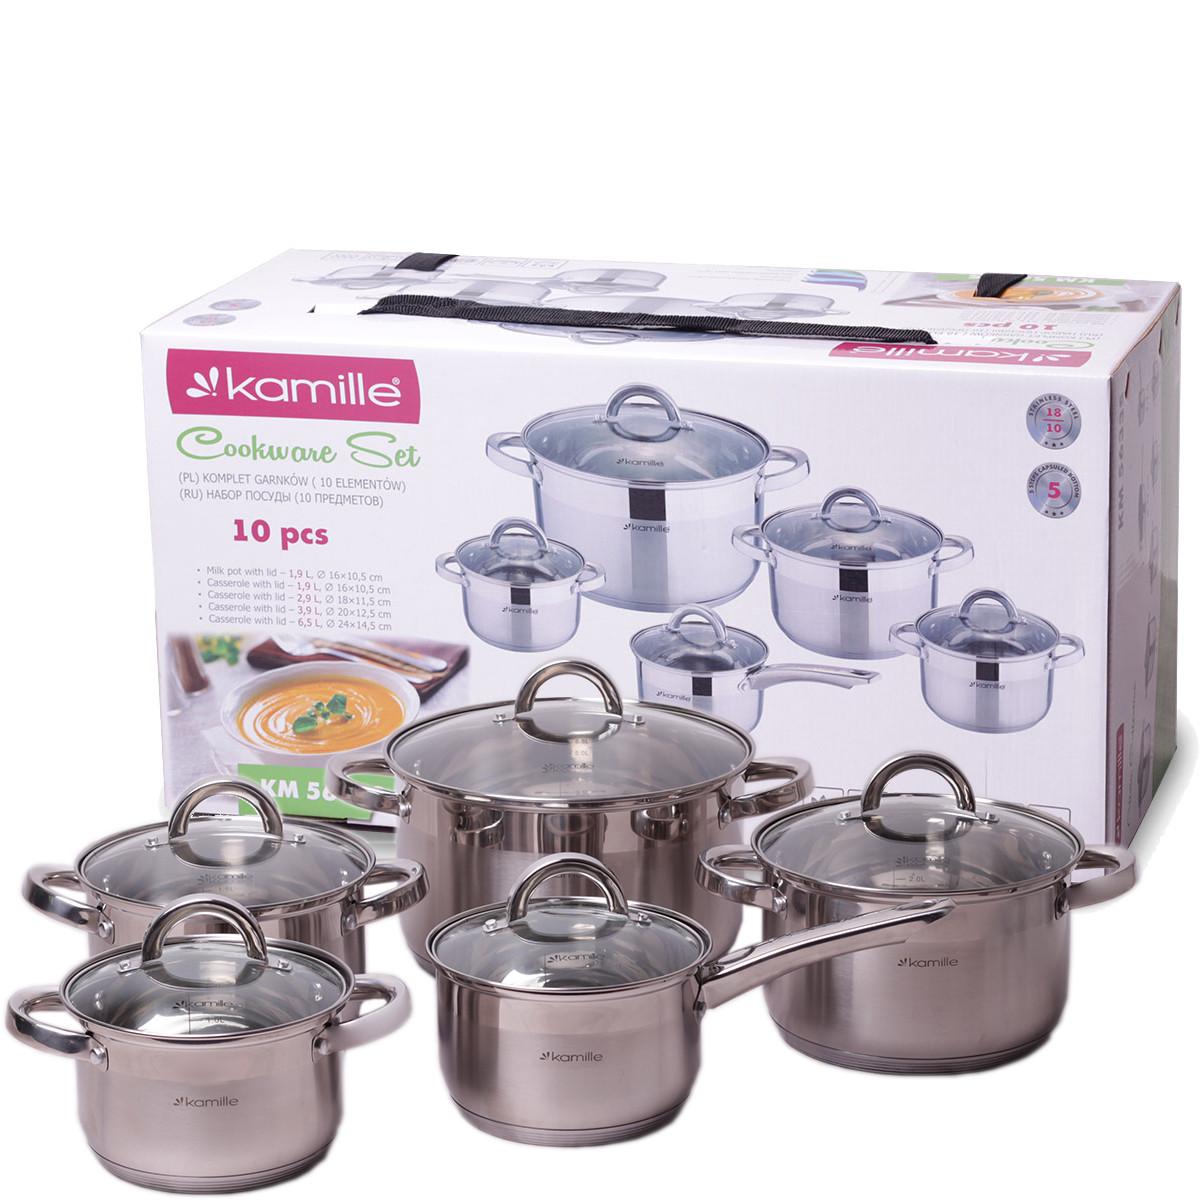 Набор посуды Kamille из нержавеющей стали 10 предметов для индукции и газа (2.1л, 2.9л, 3.9л, 6.5л) KM-5633S